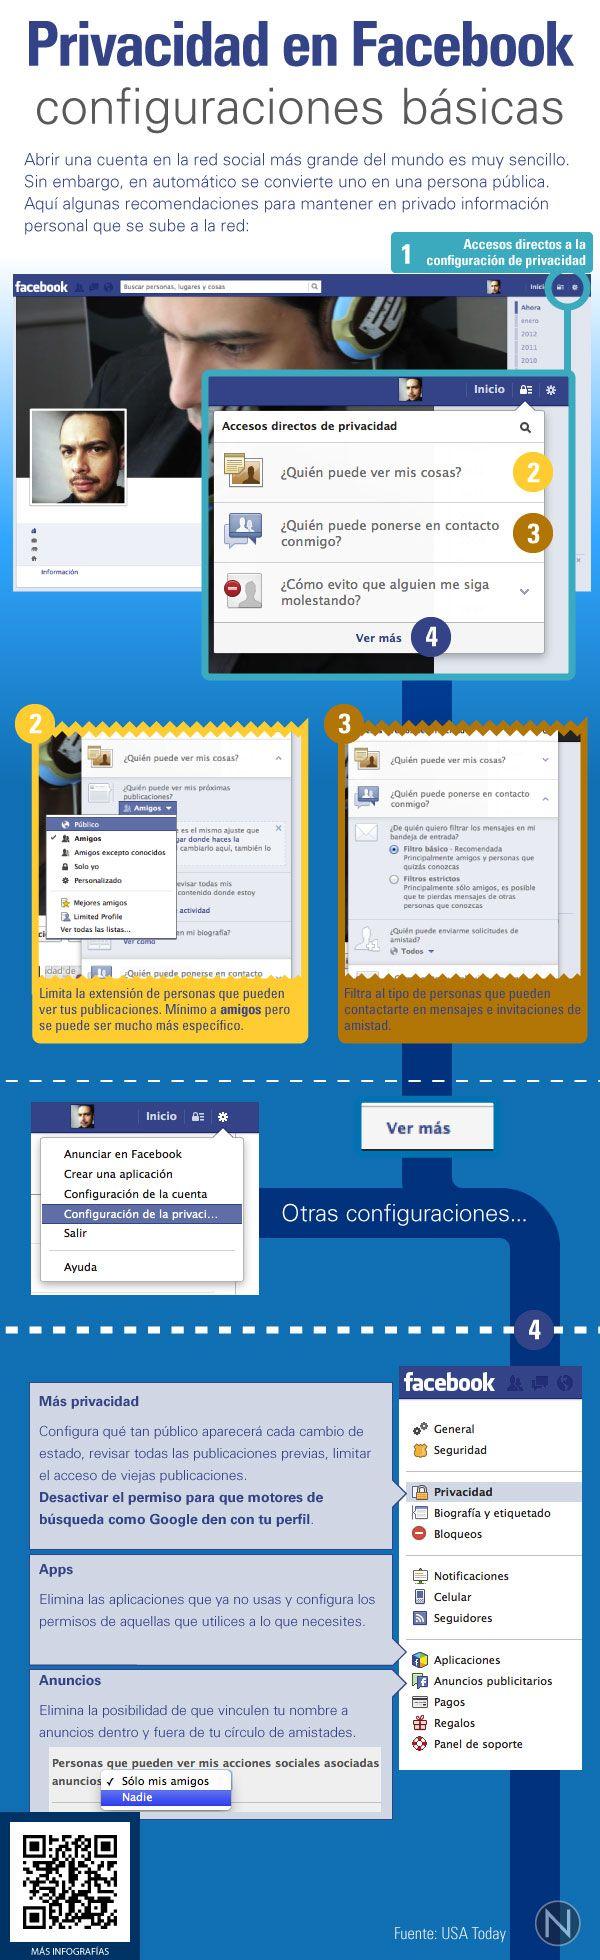 Privacidad en FaceBook: configuraciones básicas #infografia